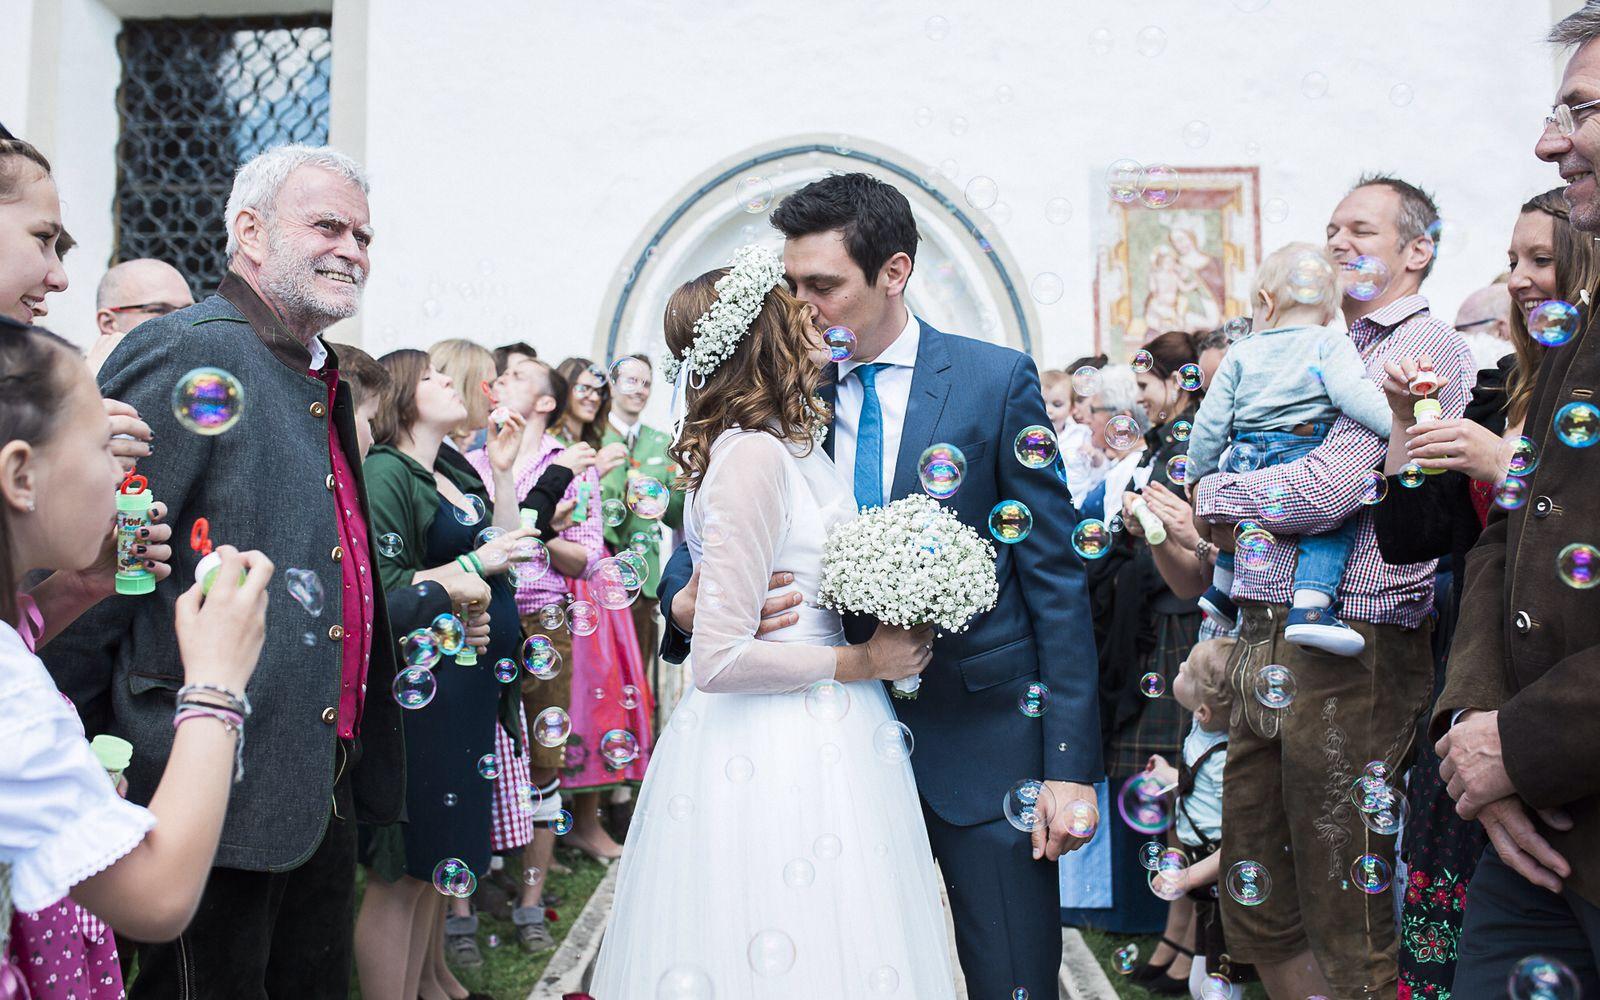 Tanja Hochzeit Seifenblasen.jpg